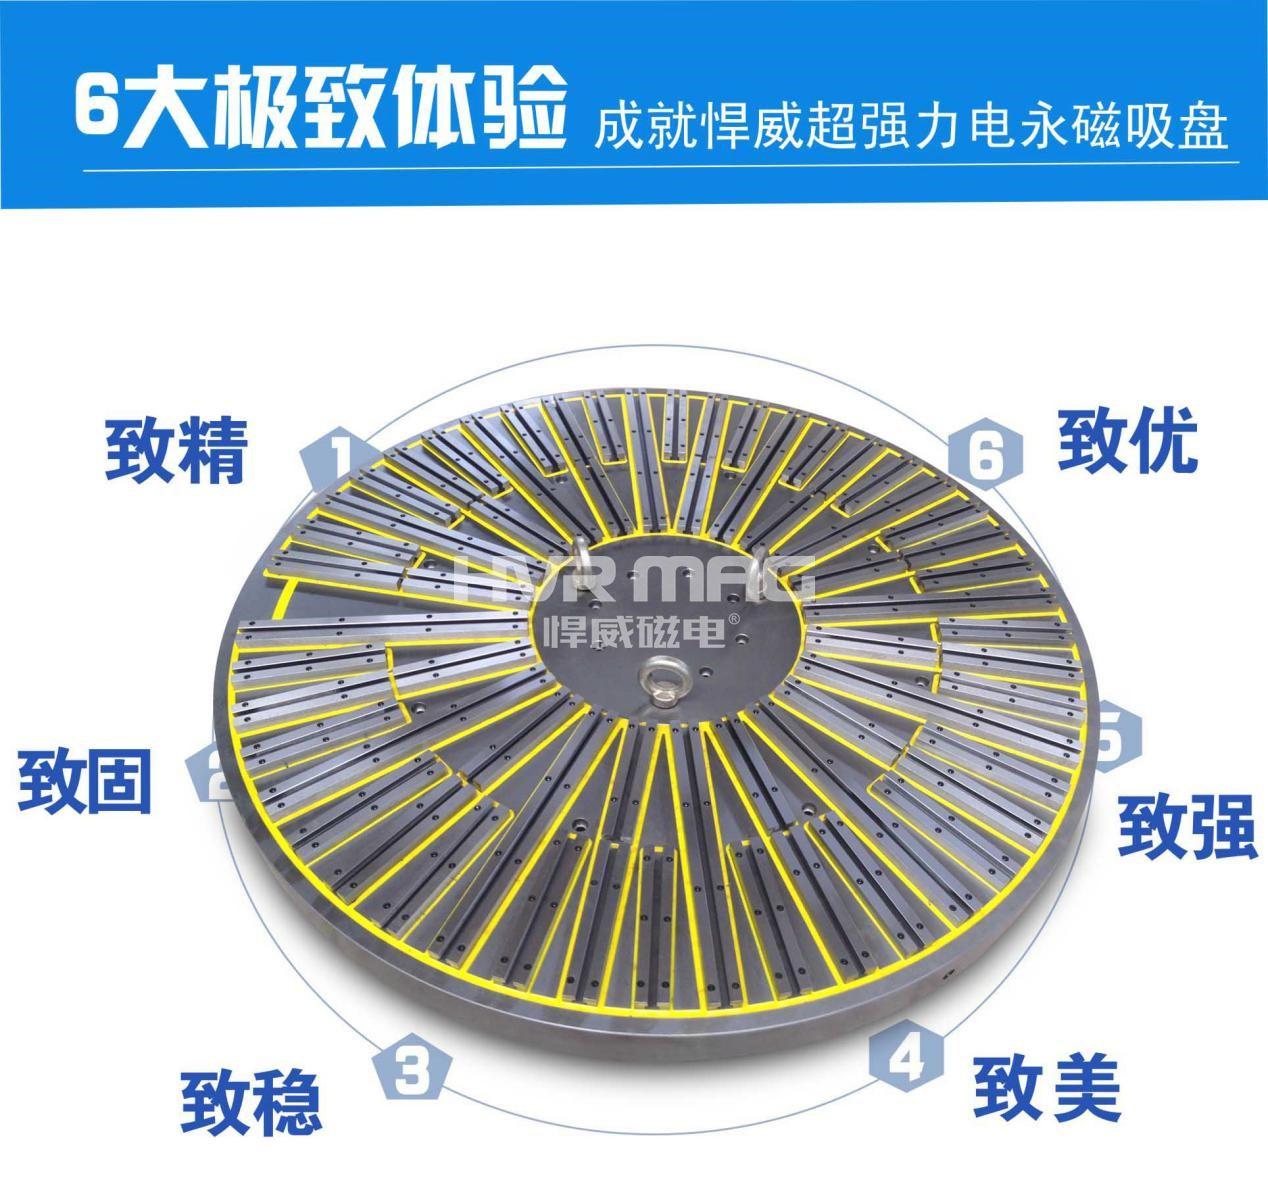 机械臂磁力吸盘 VS 加工中心用磁力吸盘,区别在哪儿?